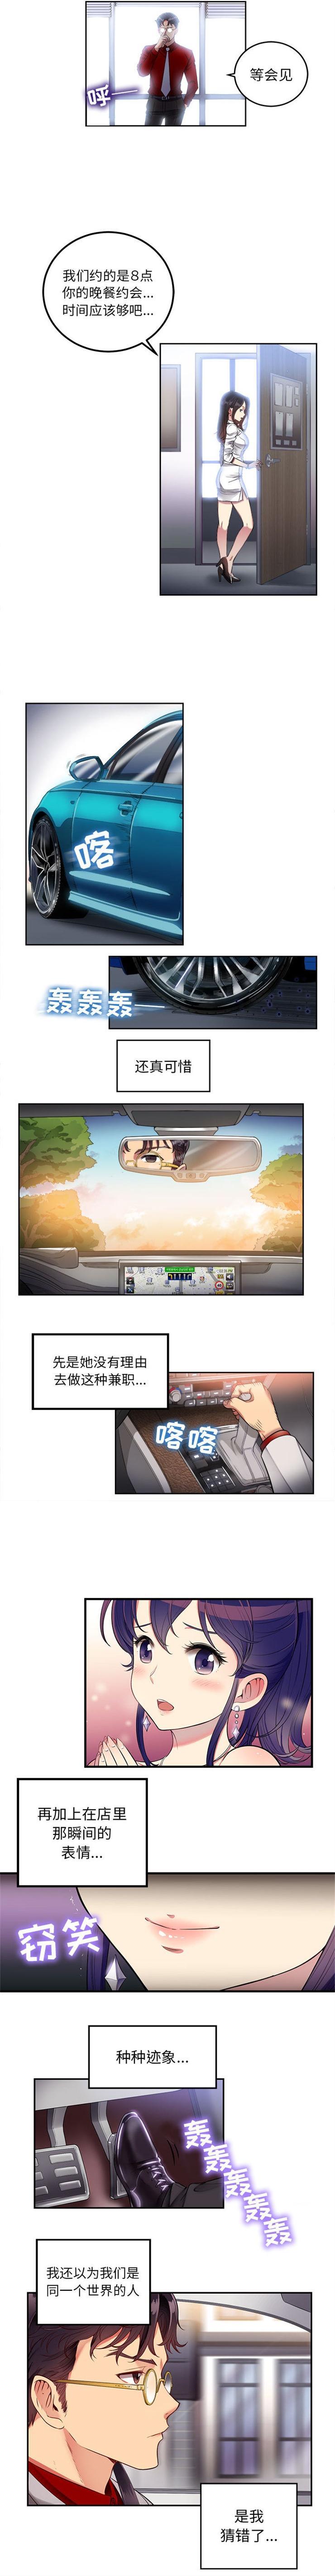 由莉的秘密1-60 中文翻译 (更新中) 34